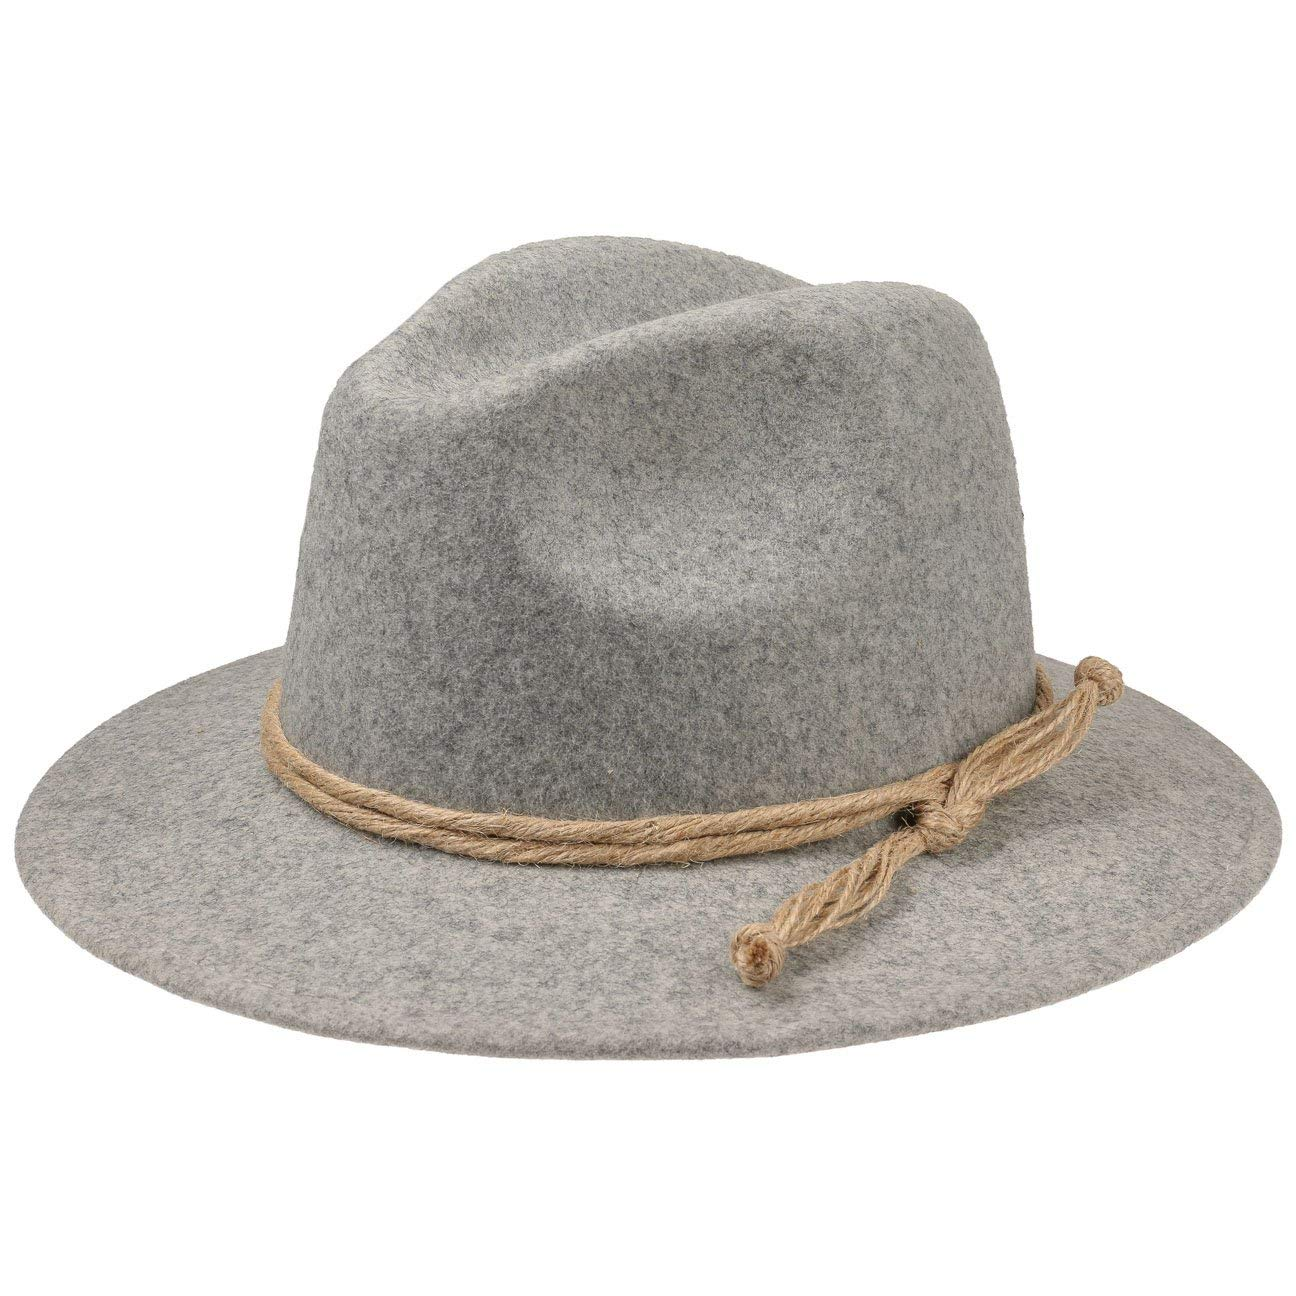 migliore qualità enorme sconto la migliore vendita Cappelli Fedora Cappellishop Cappello Tirolese da Uomo camminatore ...